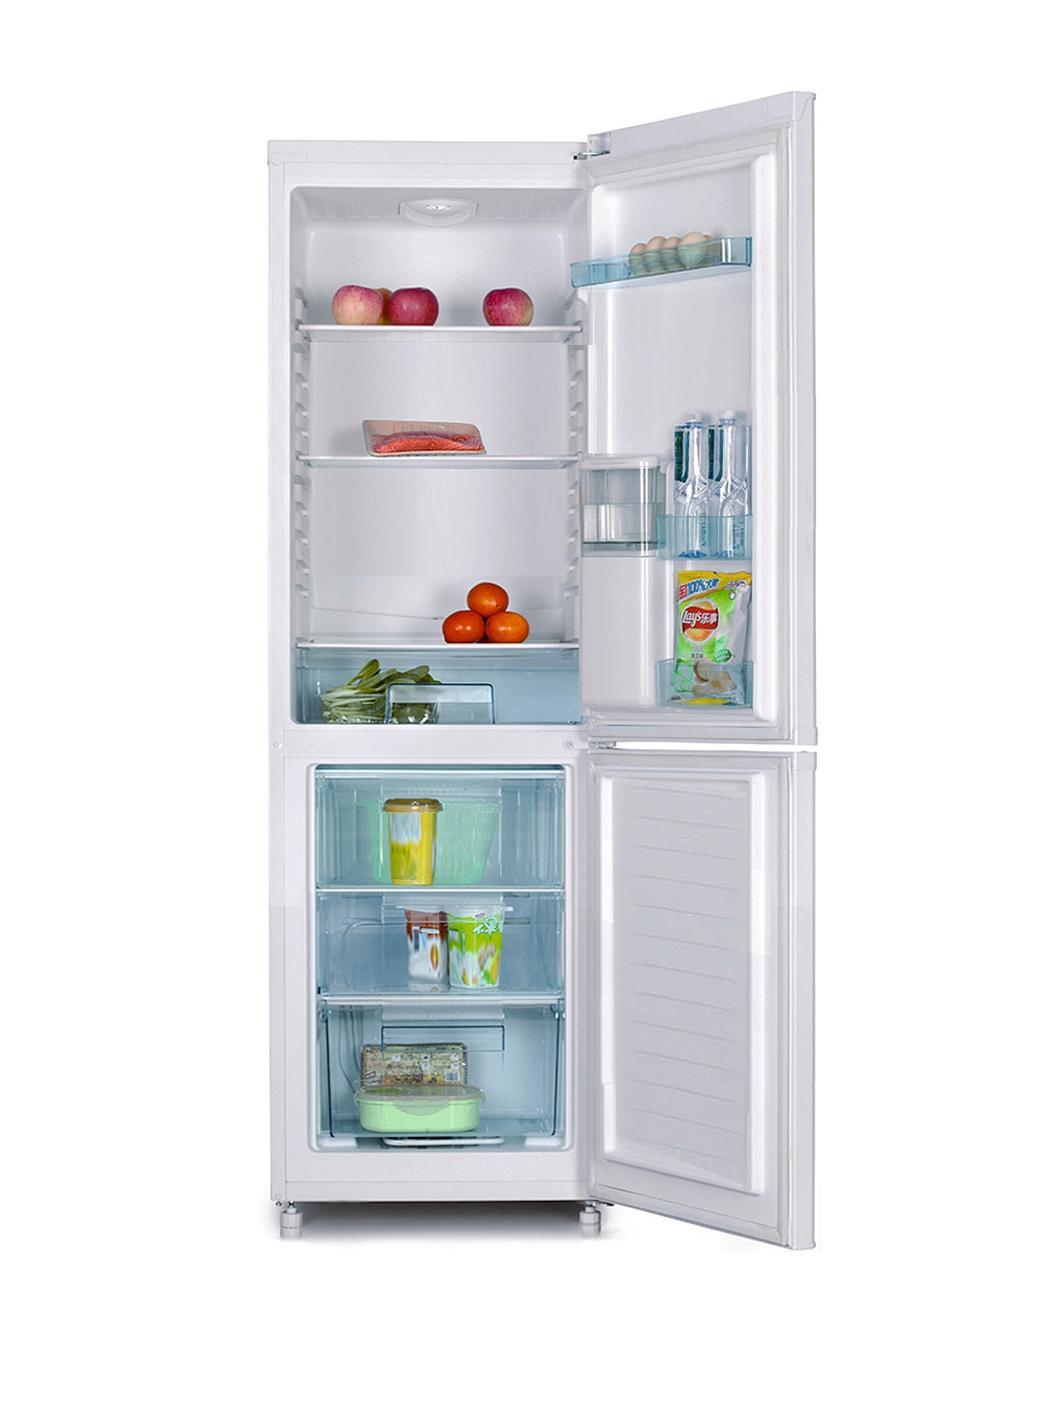 swan sr5330s 55cm fridge freezer with water dispenser. Black Bedroom Furniture Sets. Home Design Ideas